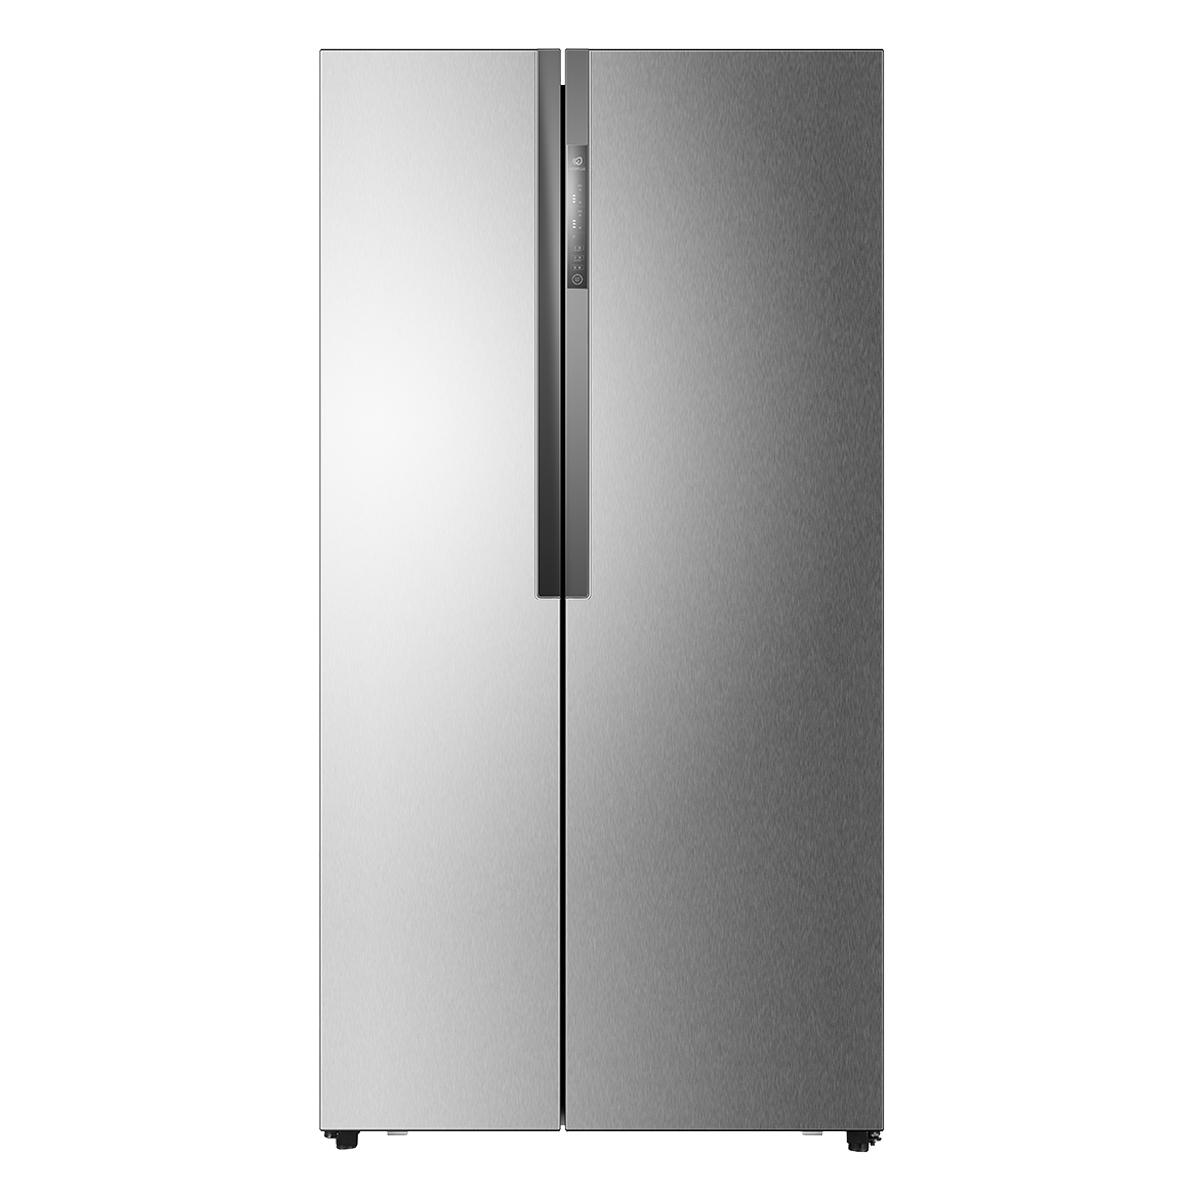 海尔Haier冰箱 BCD-521WDBB 说明书